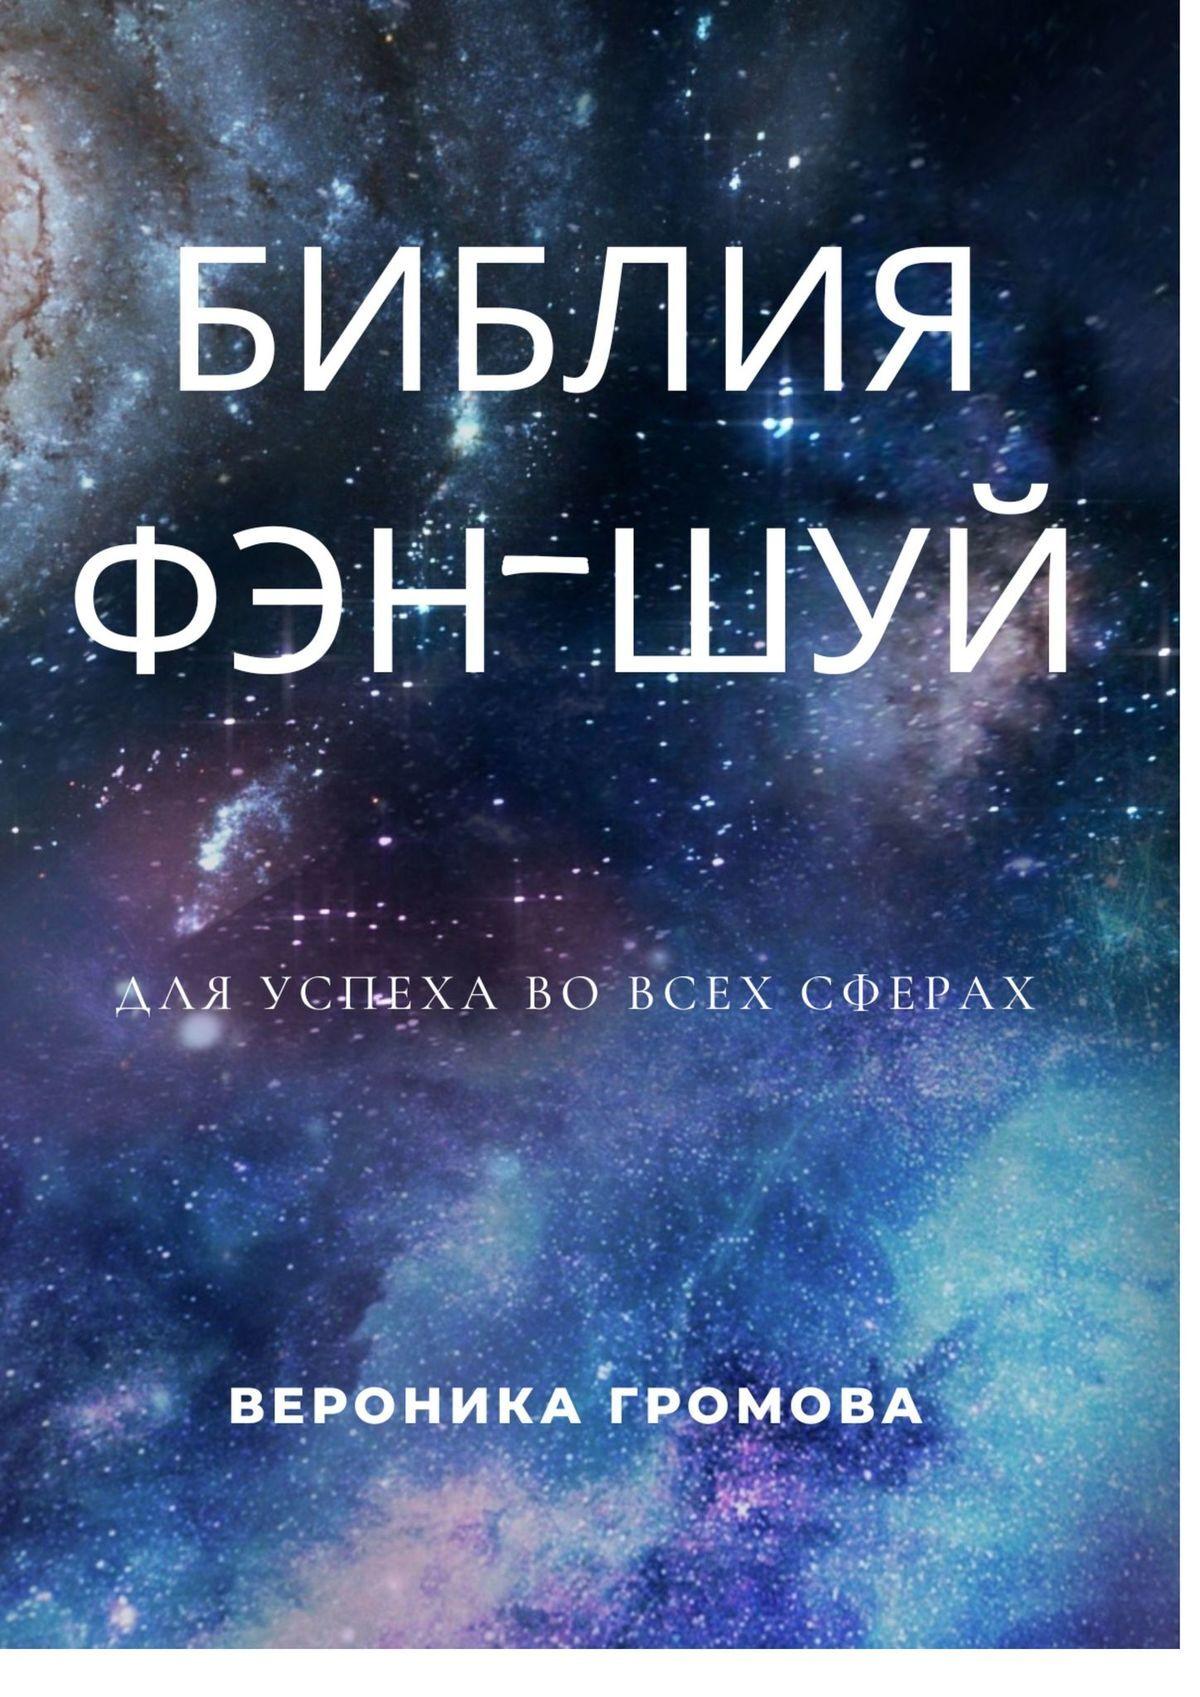 Фото - Вероника Громова Библия фэн-шуй браун с библия фэн шуй полное практическое руководство по улучшению жизни и здоровья наведению порядка в доме и личных финансах